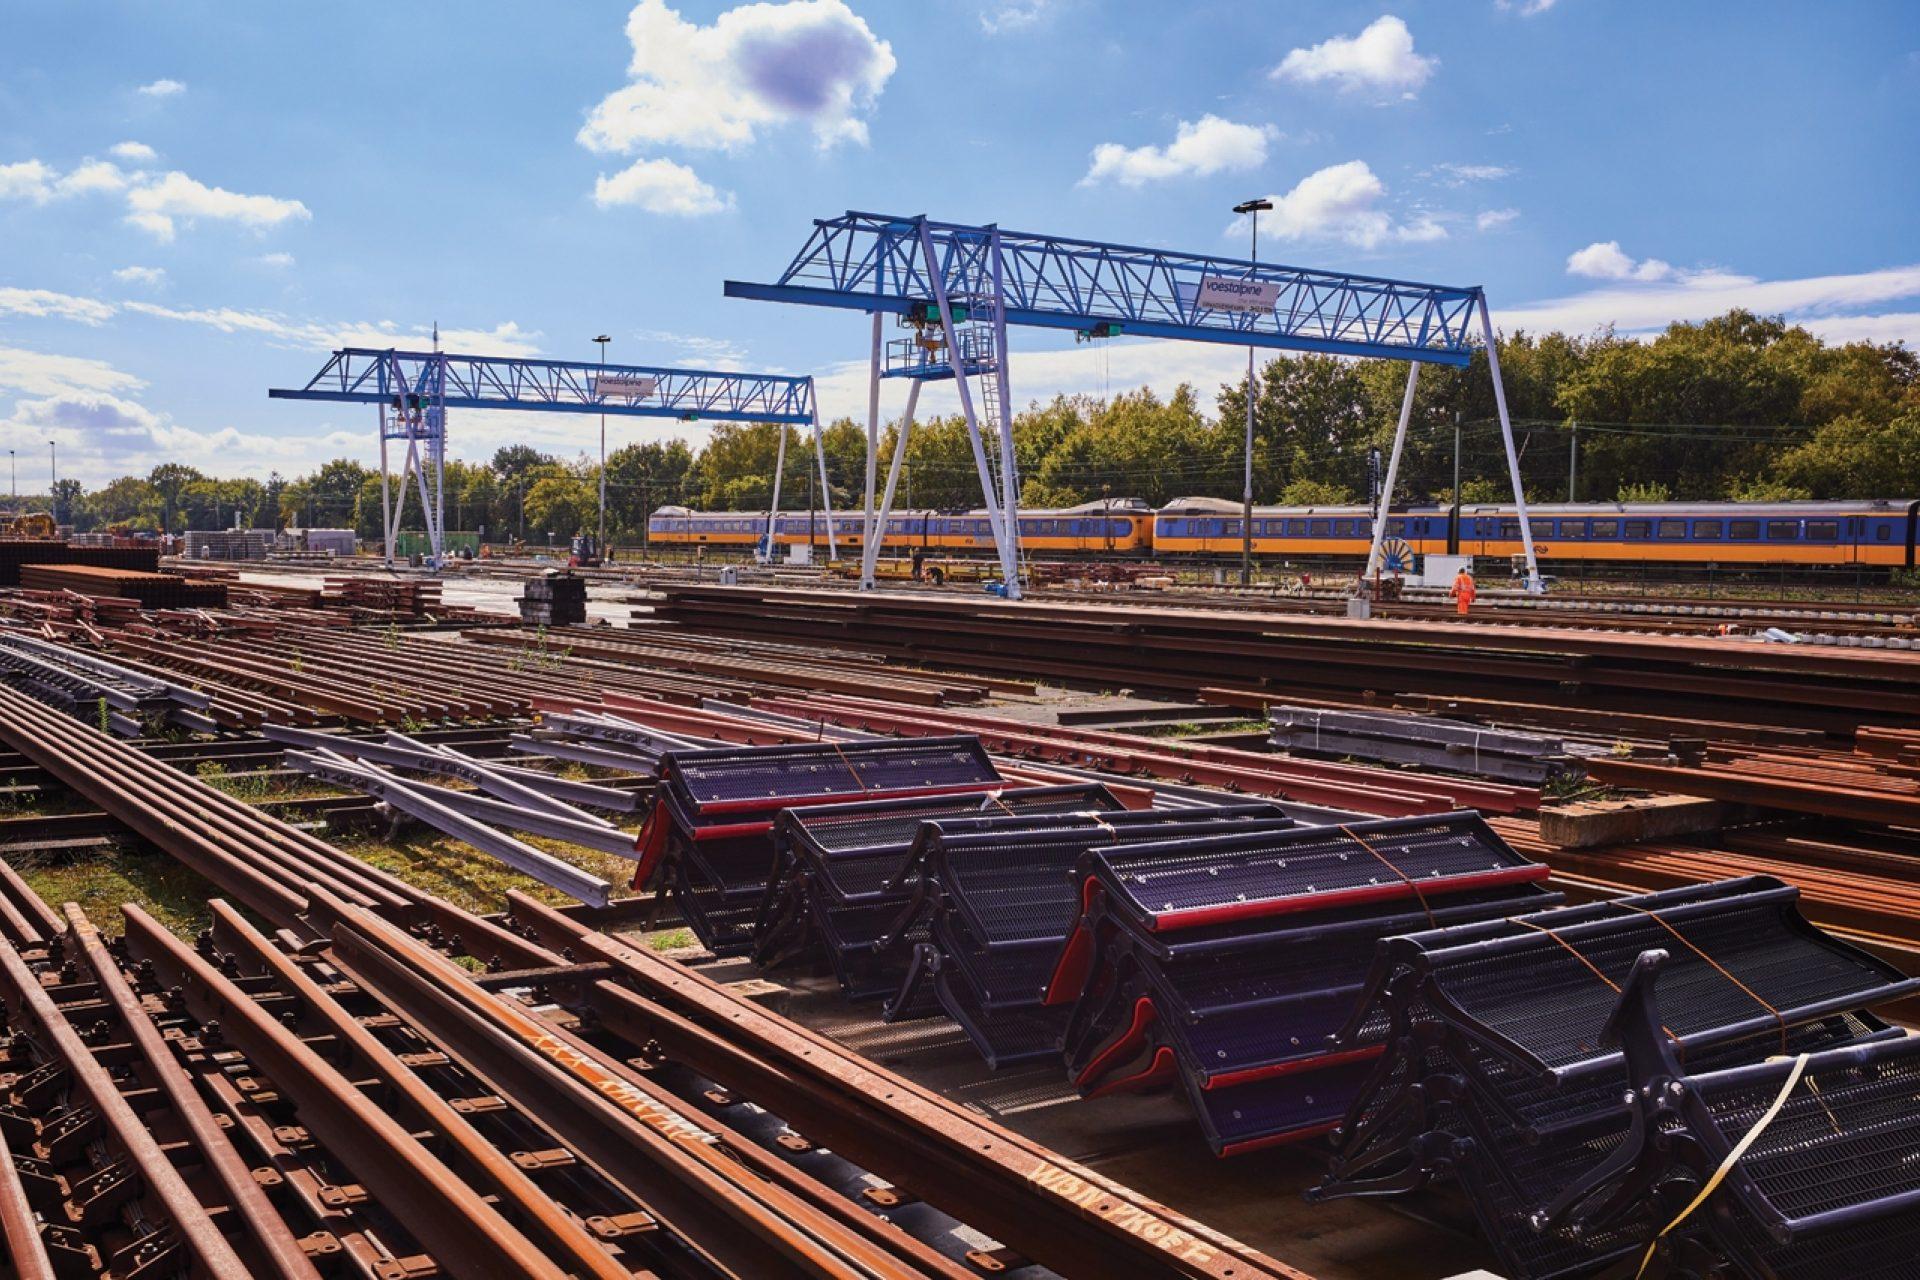 Hergebruik spoormaterialen stapelplaats c Crailoo 96dpi 1280x853px E NR 13783